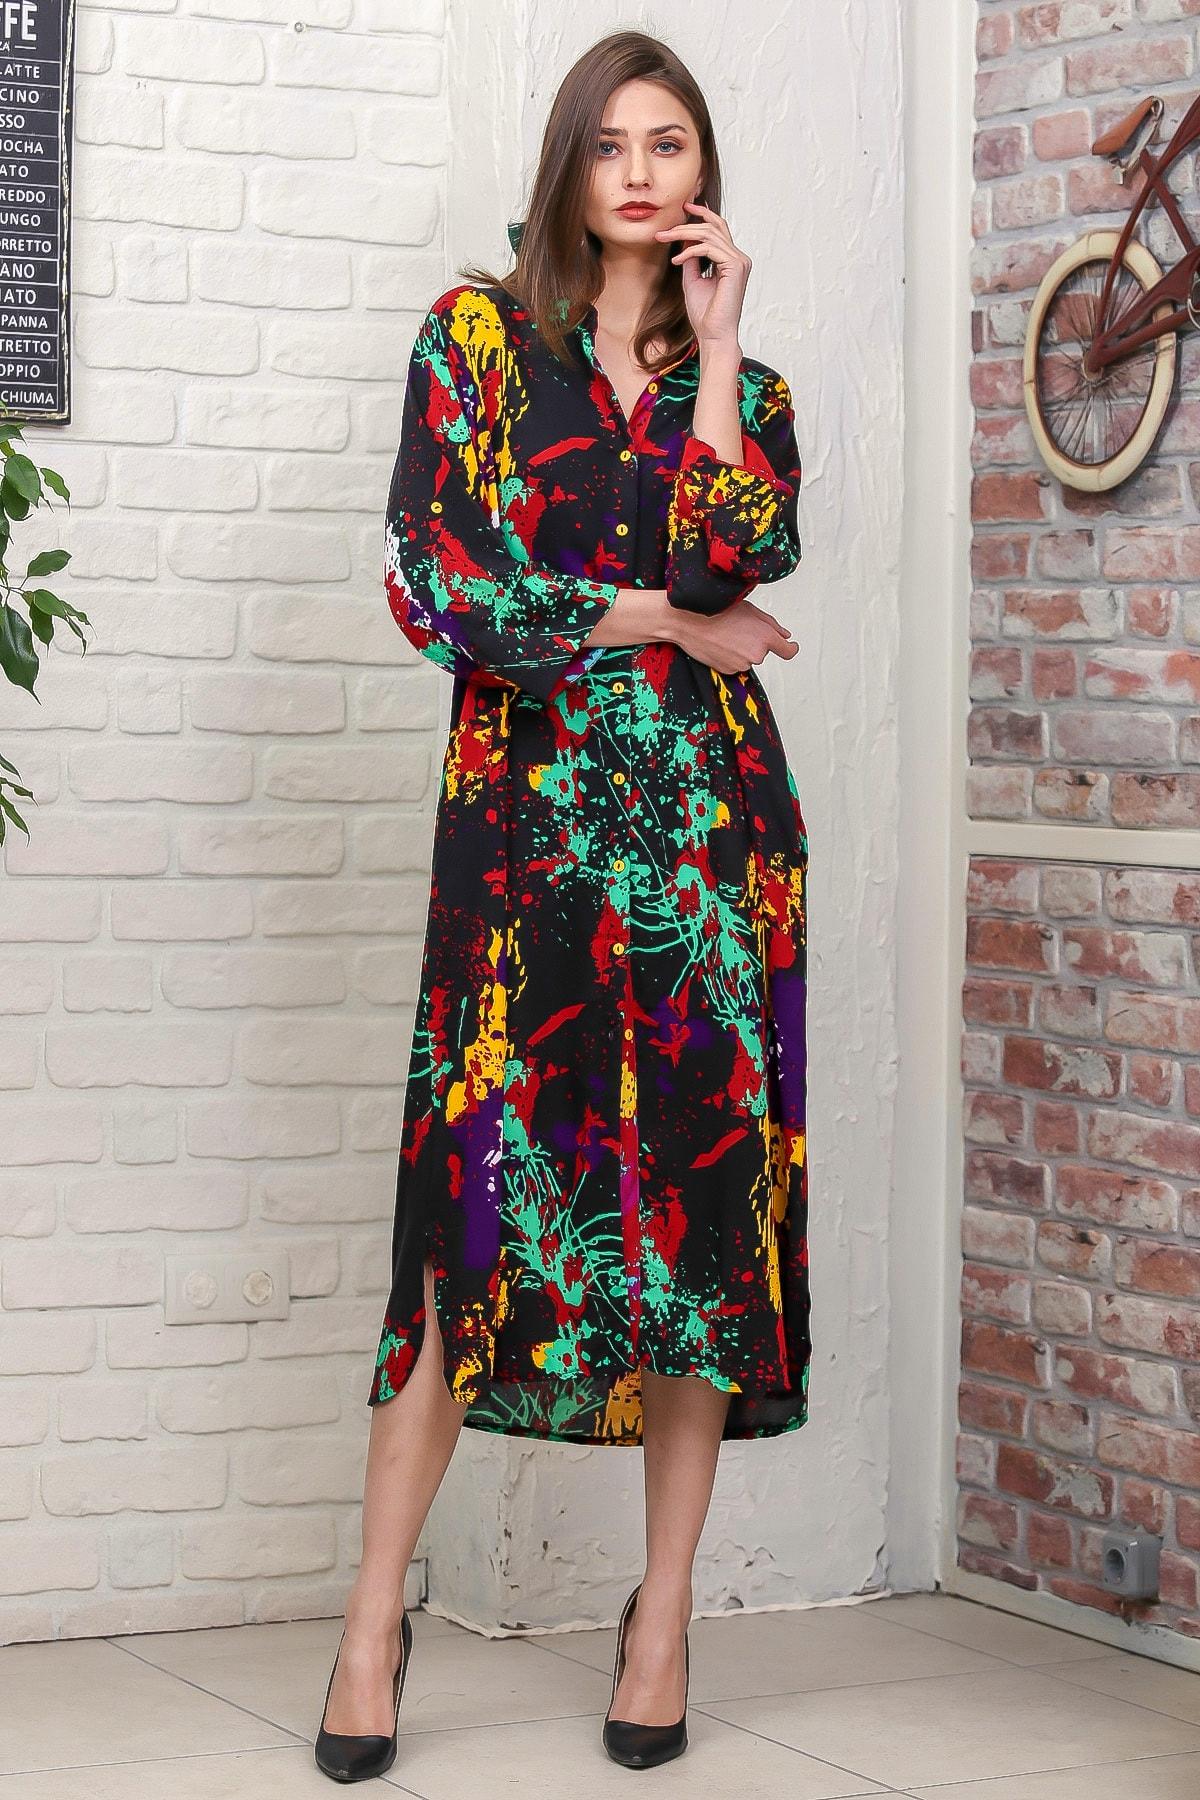 Chiccy Kadın Siyah Fırça Desen Yırtmaçlı Salaş Dokuma Gömlek Elbise M10160000EL95921 3